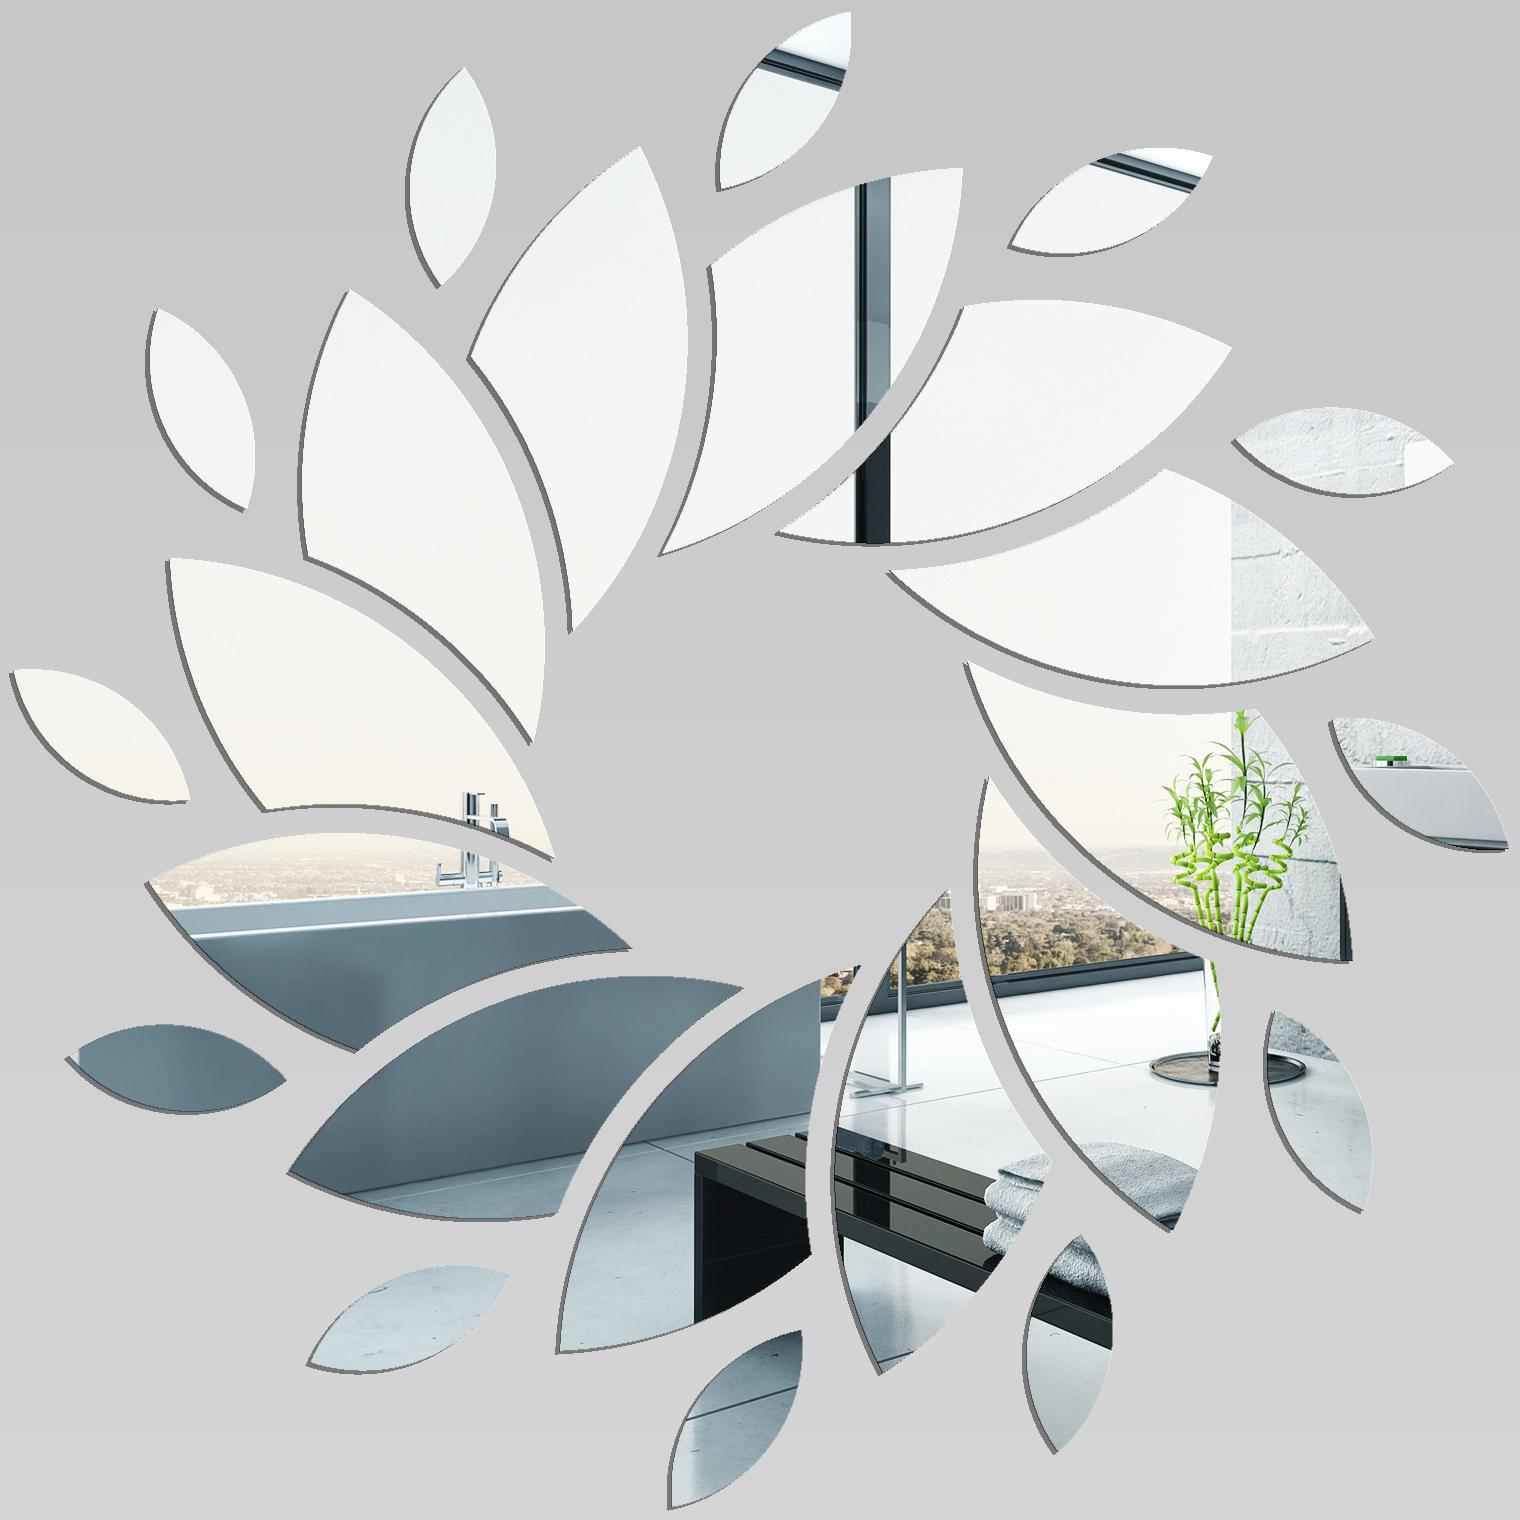 miroir plexiglass acrylique spirale p tale pas cher. Black Bedroom Furniture Sets. Home Design Ideas